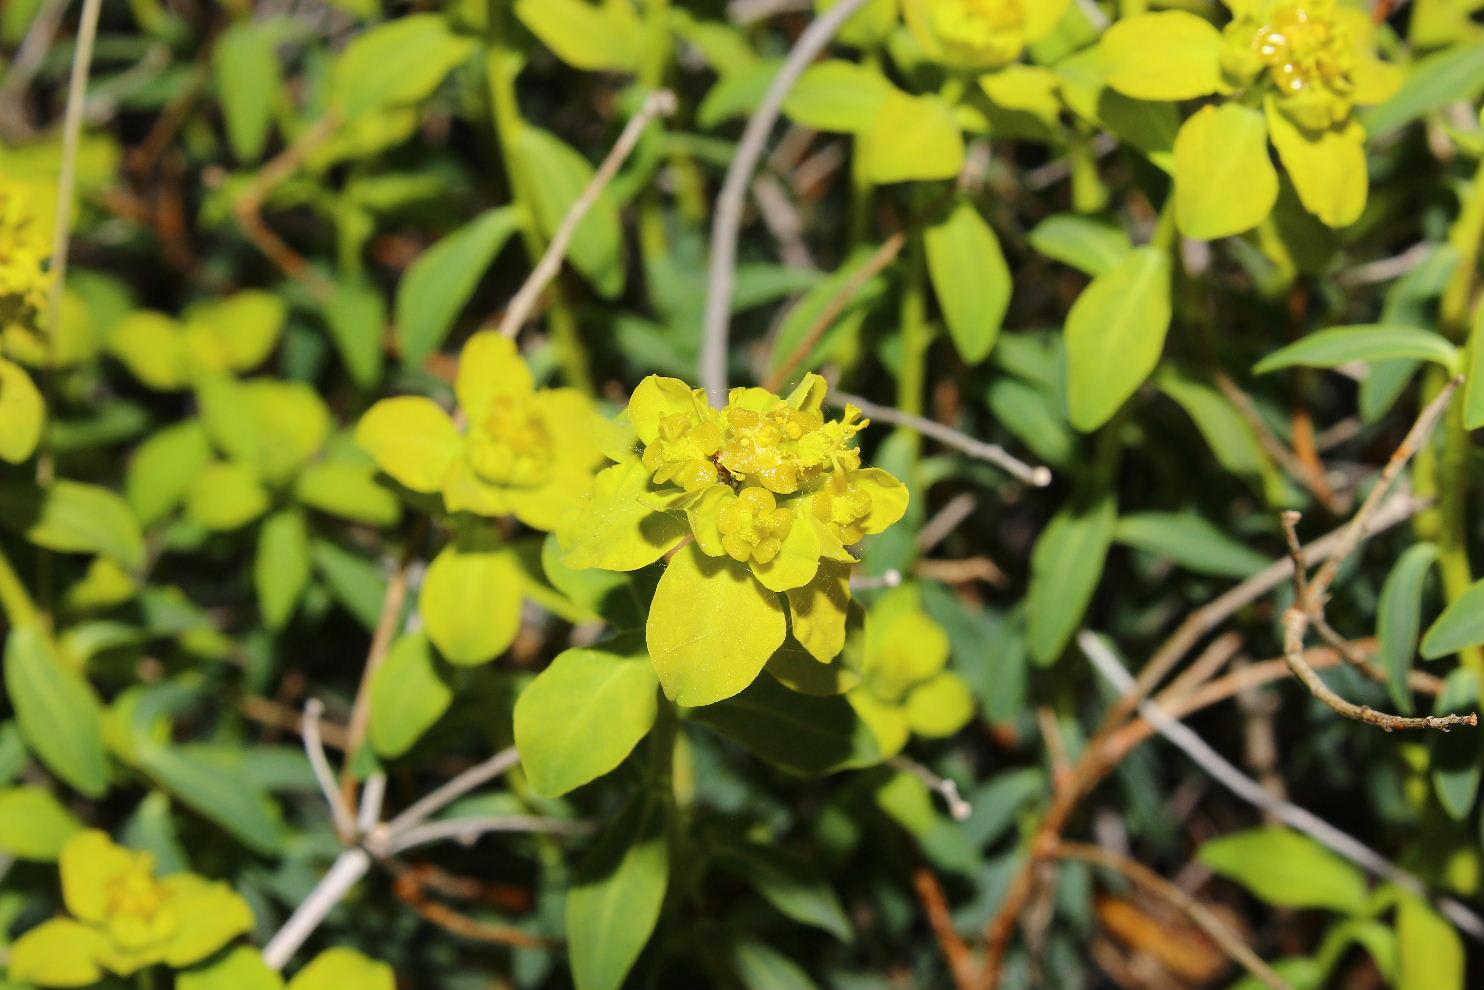 Euphorbia verrucosa (=E. brittingeri )/ Euforbia verrucosa